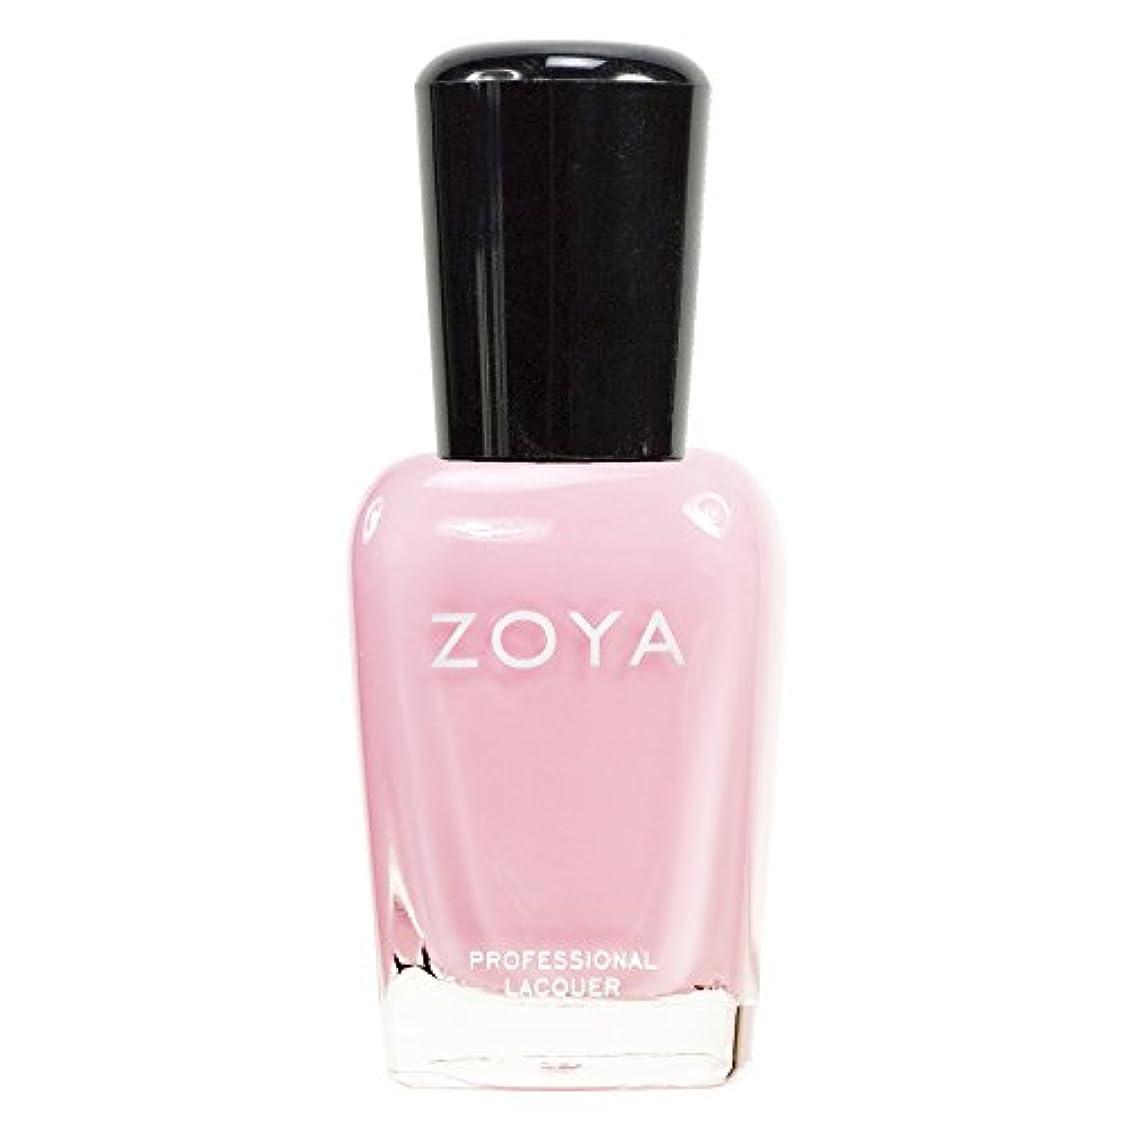 無臭報復する悲しいことにZOYA ゾーヤ ネイルカラーZP315 BELA ベラ 15ml 淡く優しいクリーミーなピンク マット 爪にやさしいネイルラッカーマニキュア